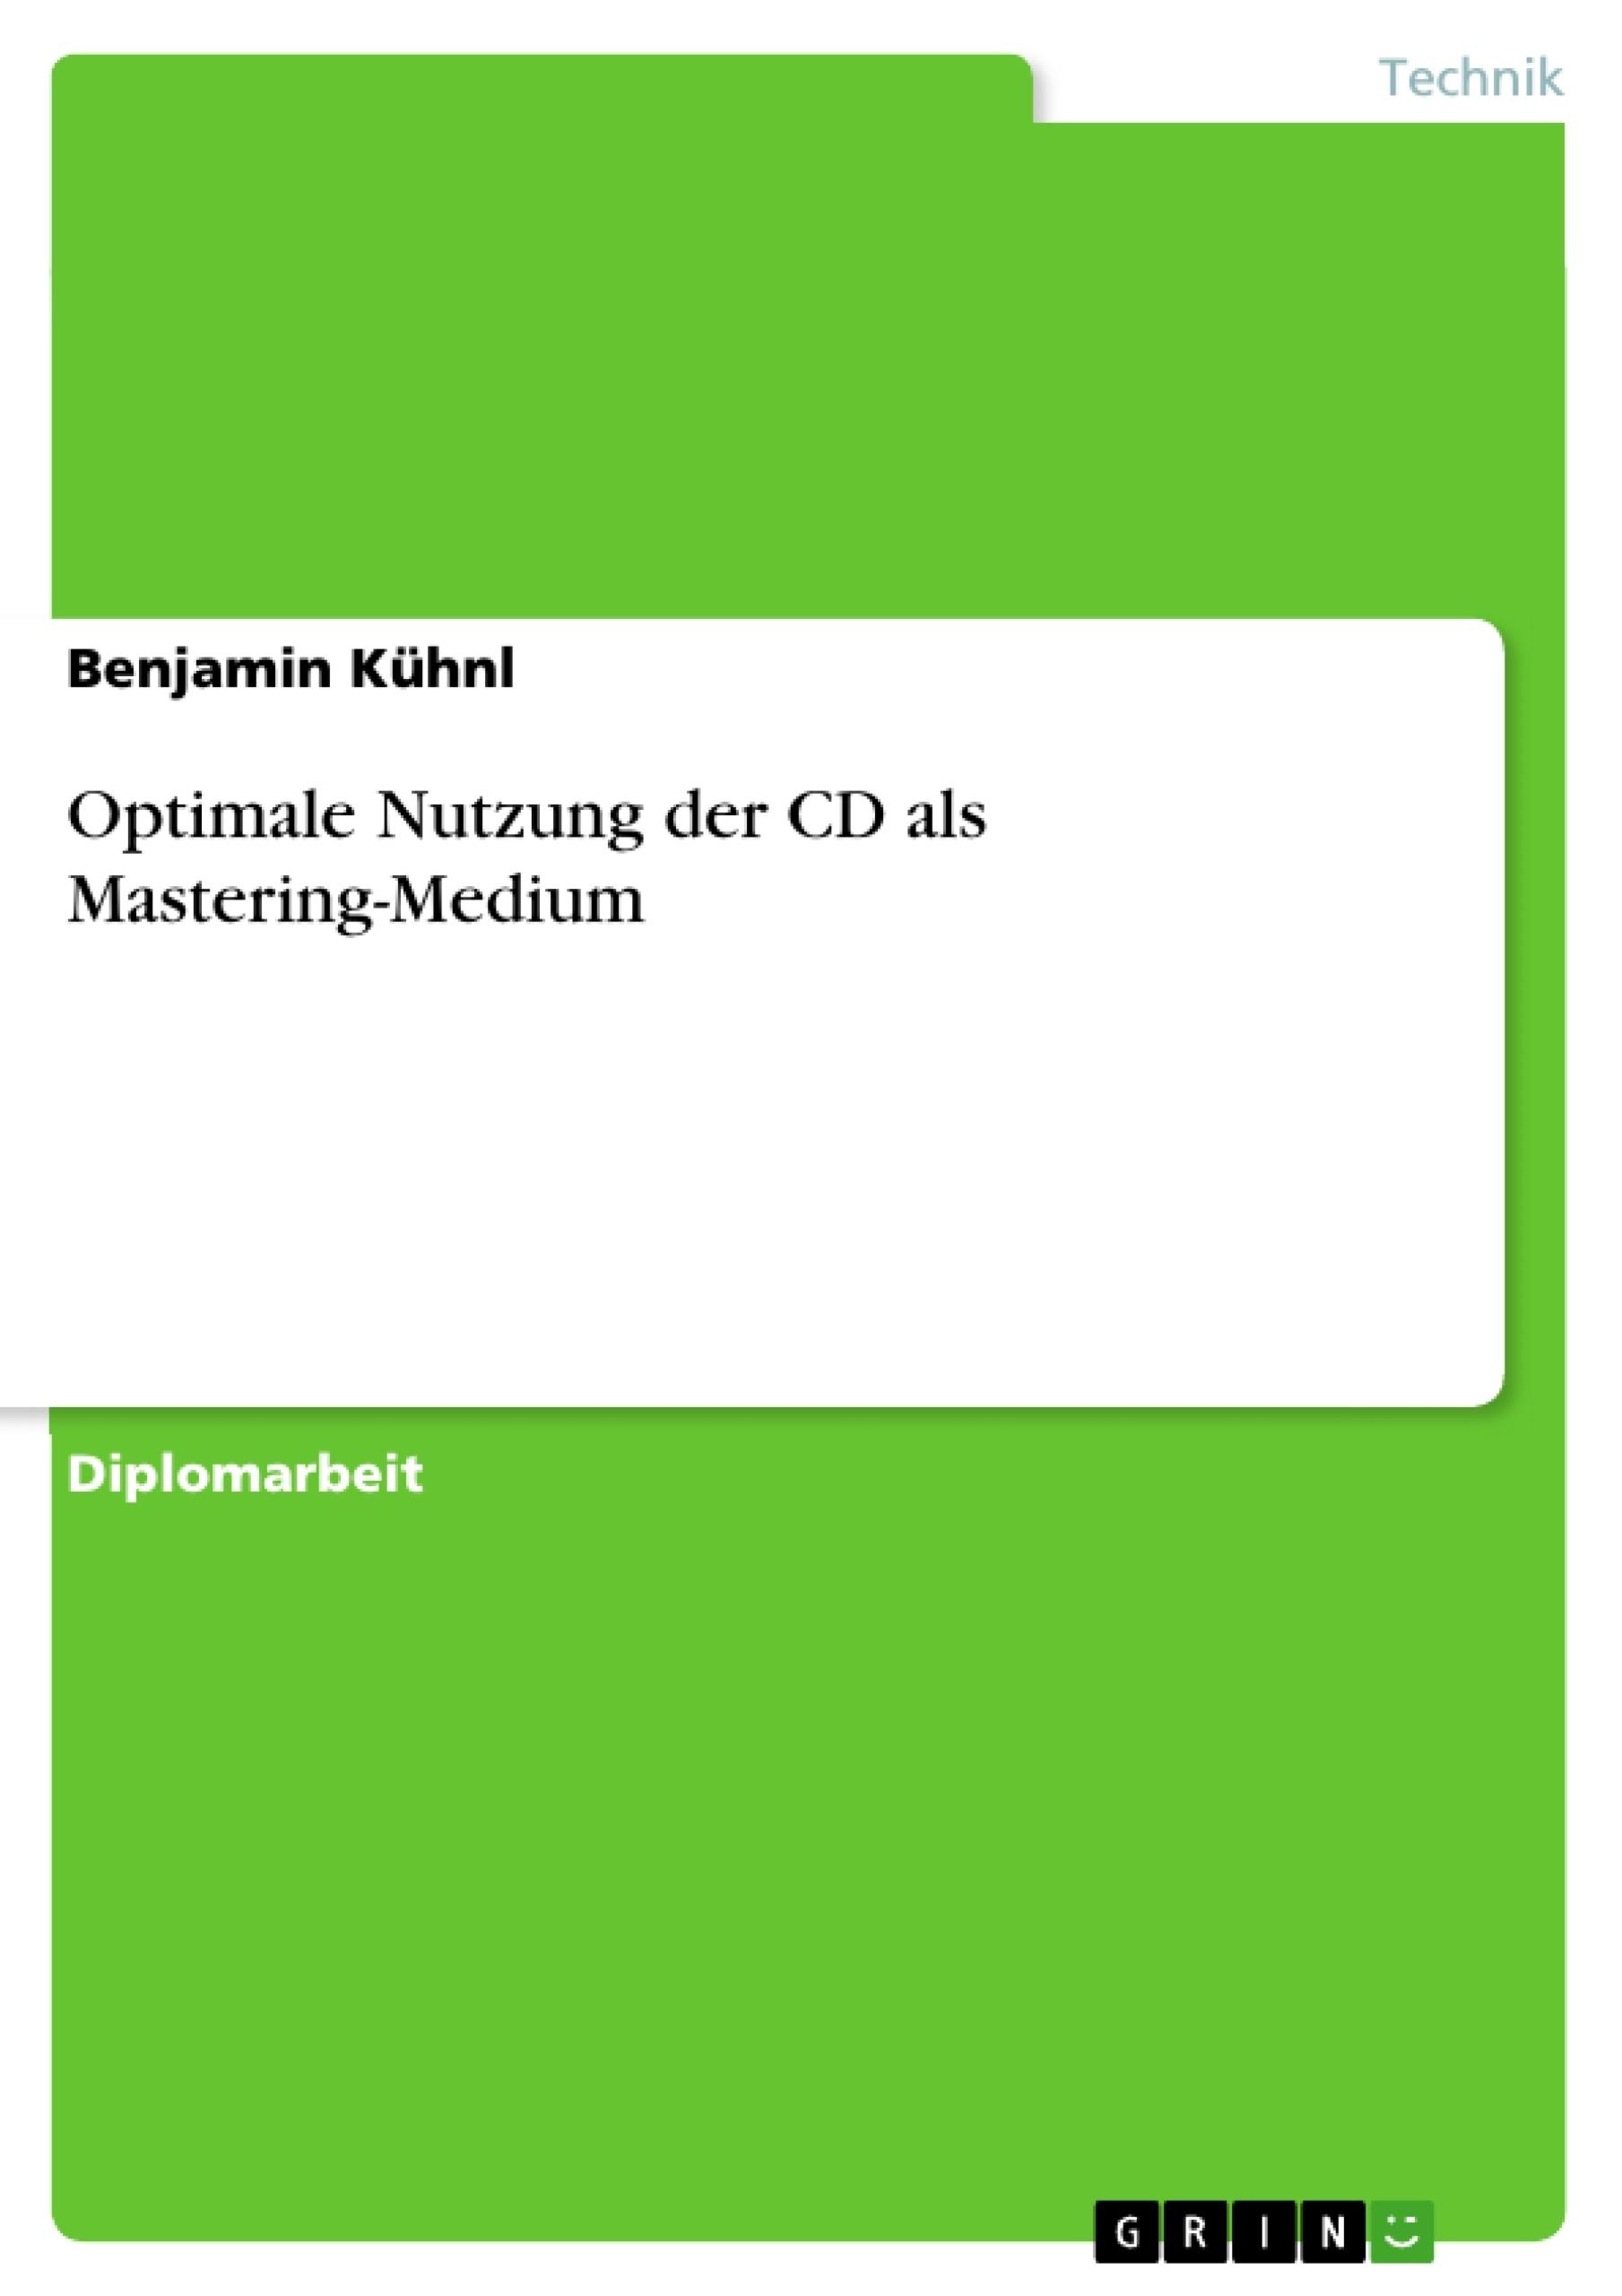 Titel: Optimale Nutzung der CD als Mastering-Medium